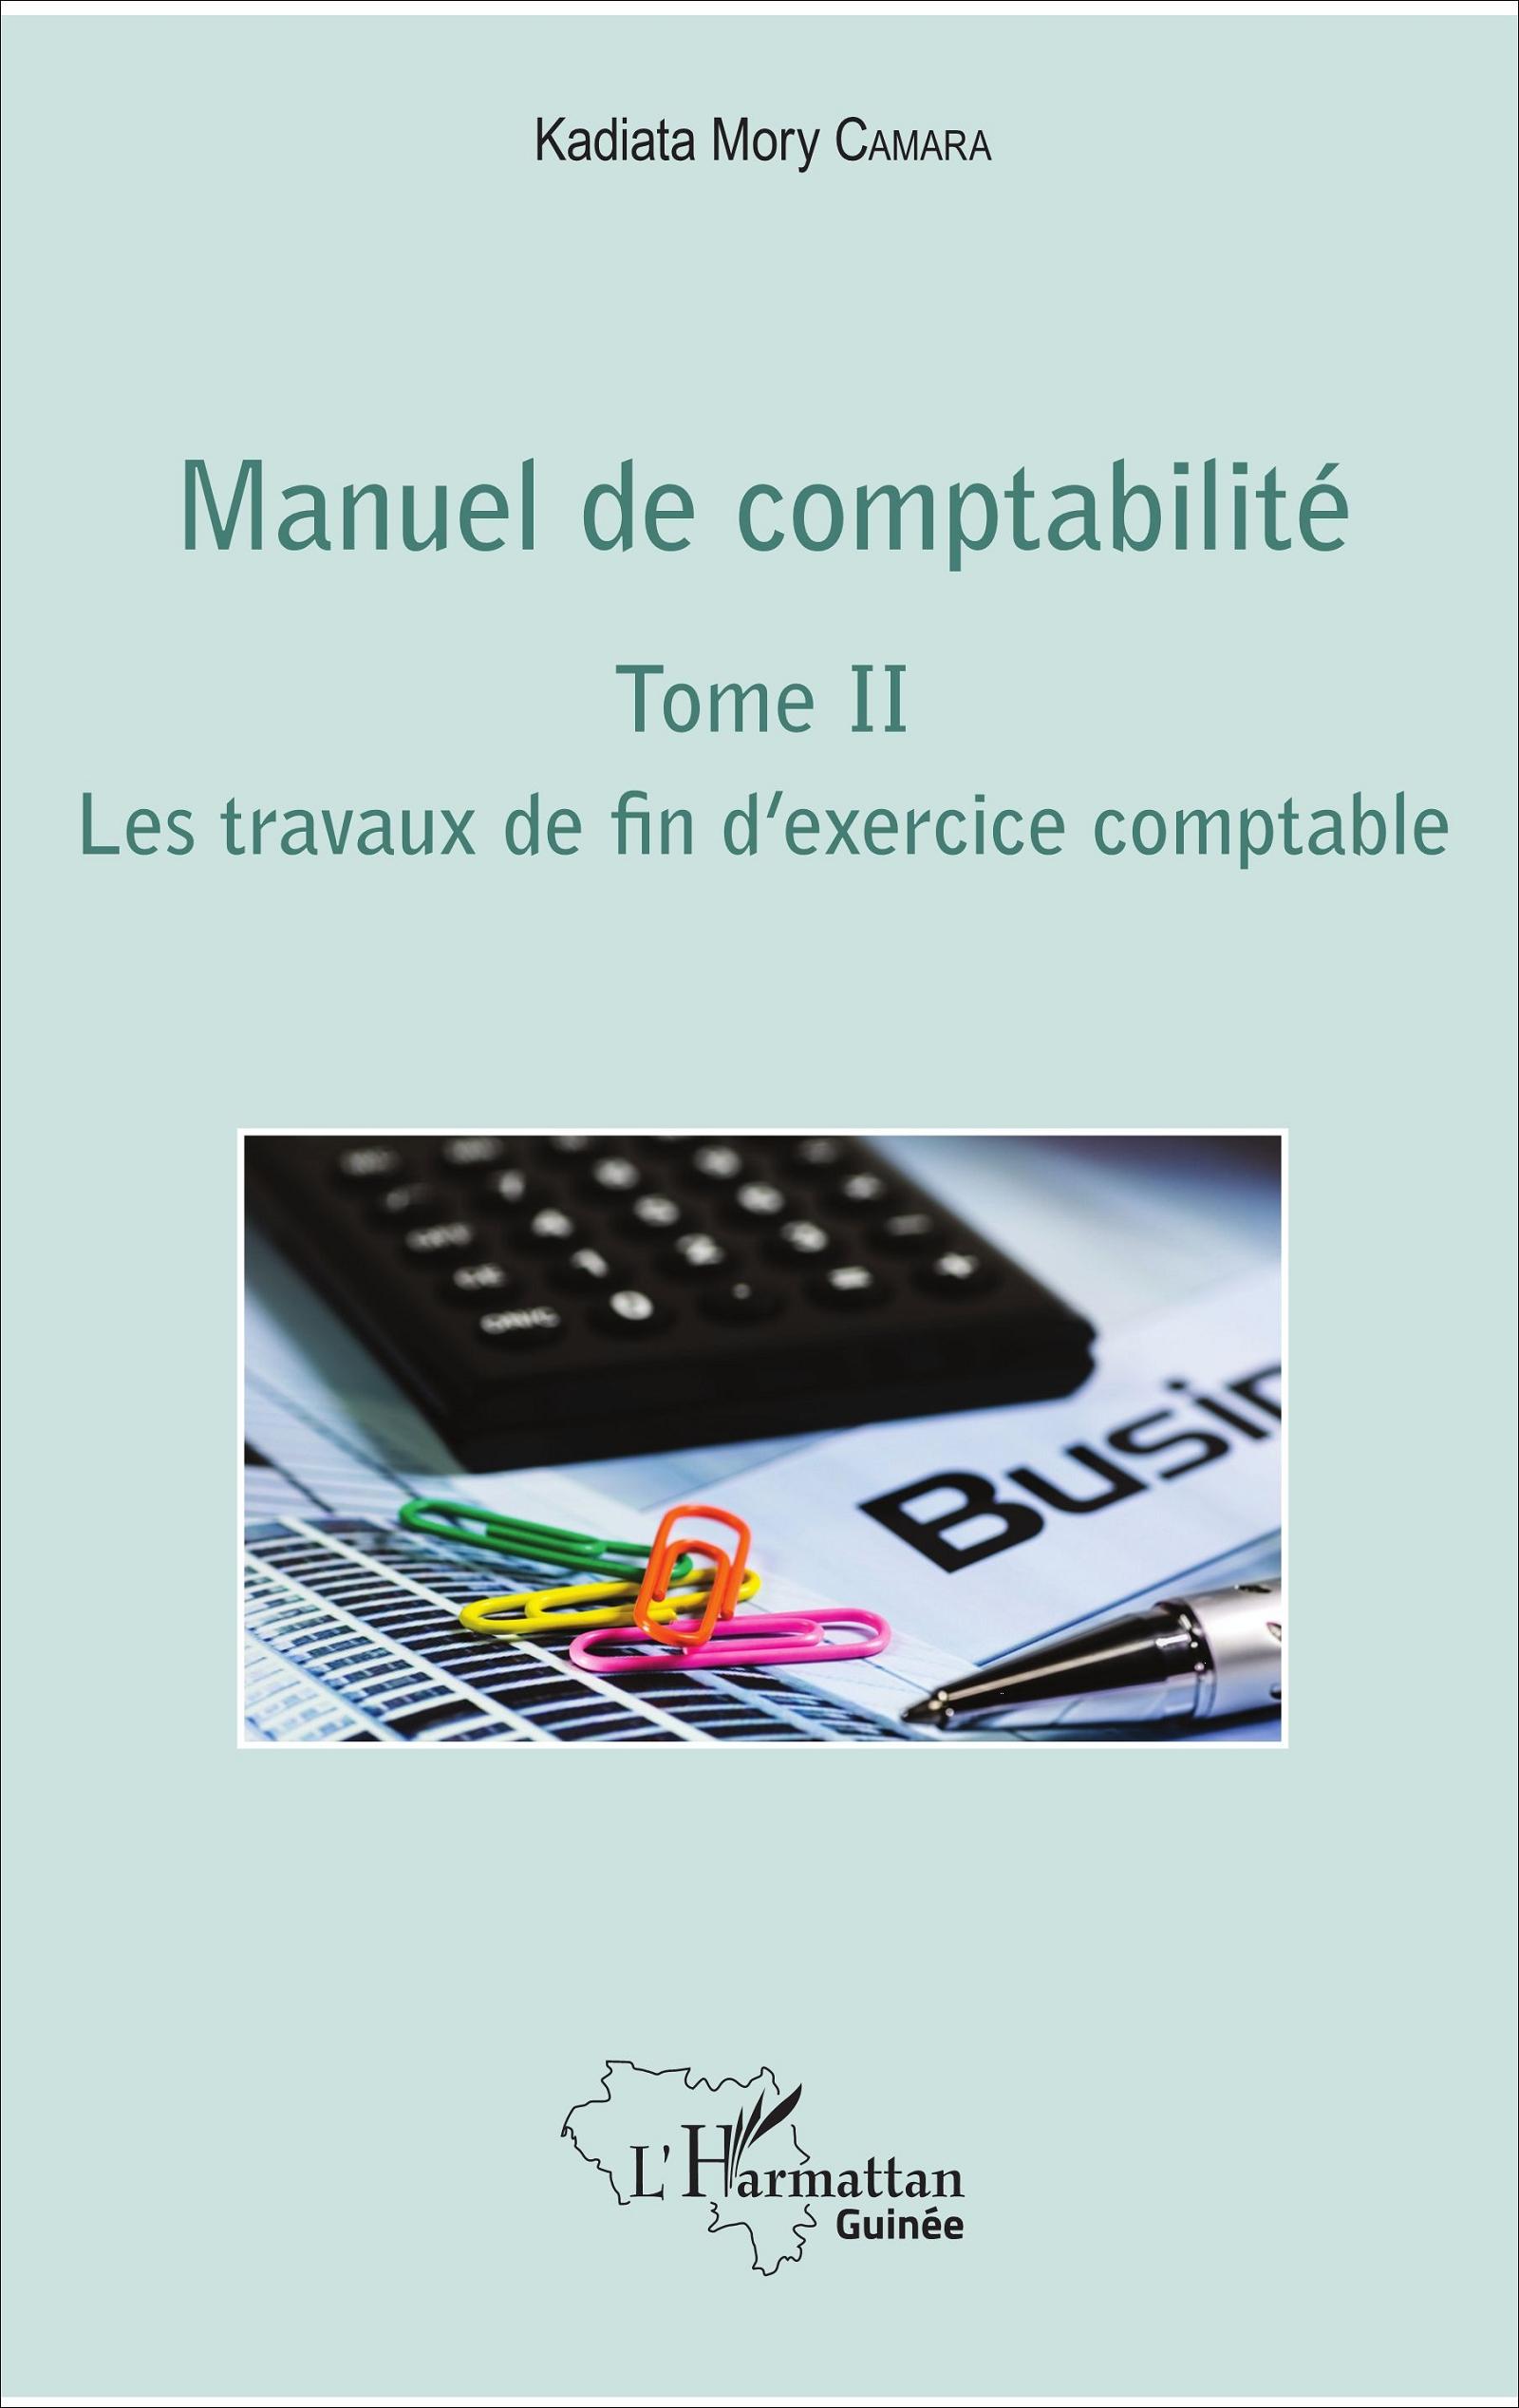 Manuel de comptabilit tome ii les travaux de fin d - Exercice d enregistrement comptable ...